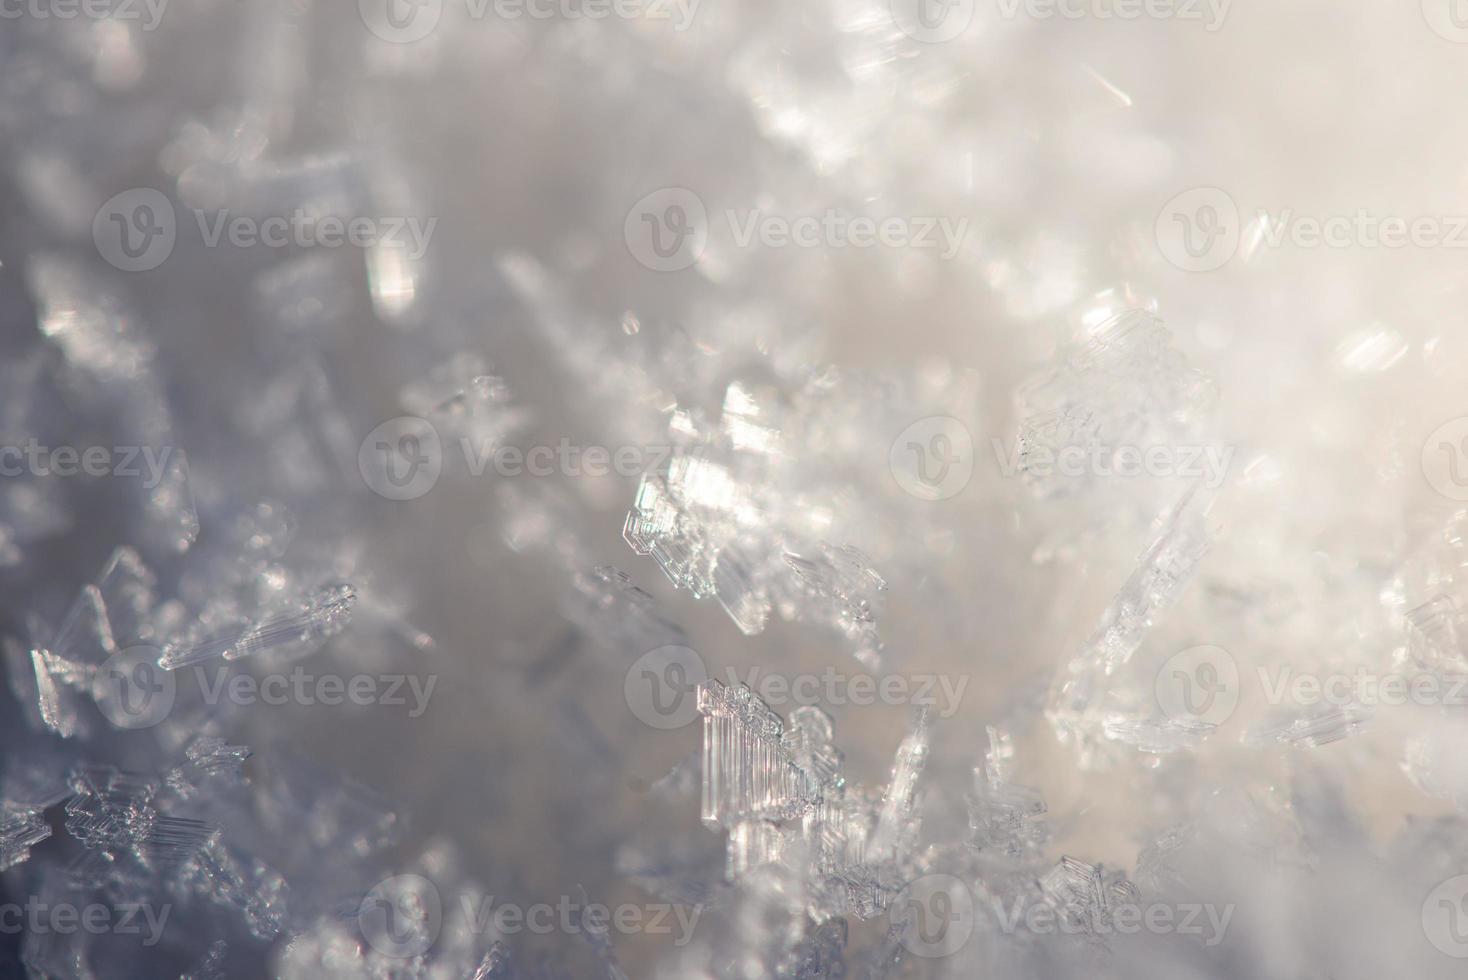 frysta snöflingor närbild foto